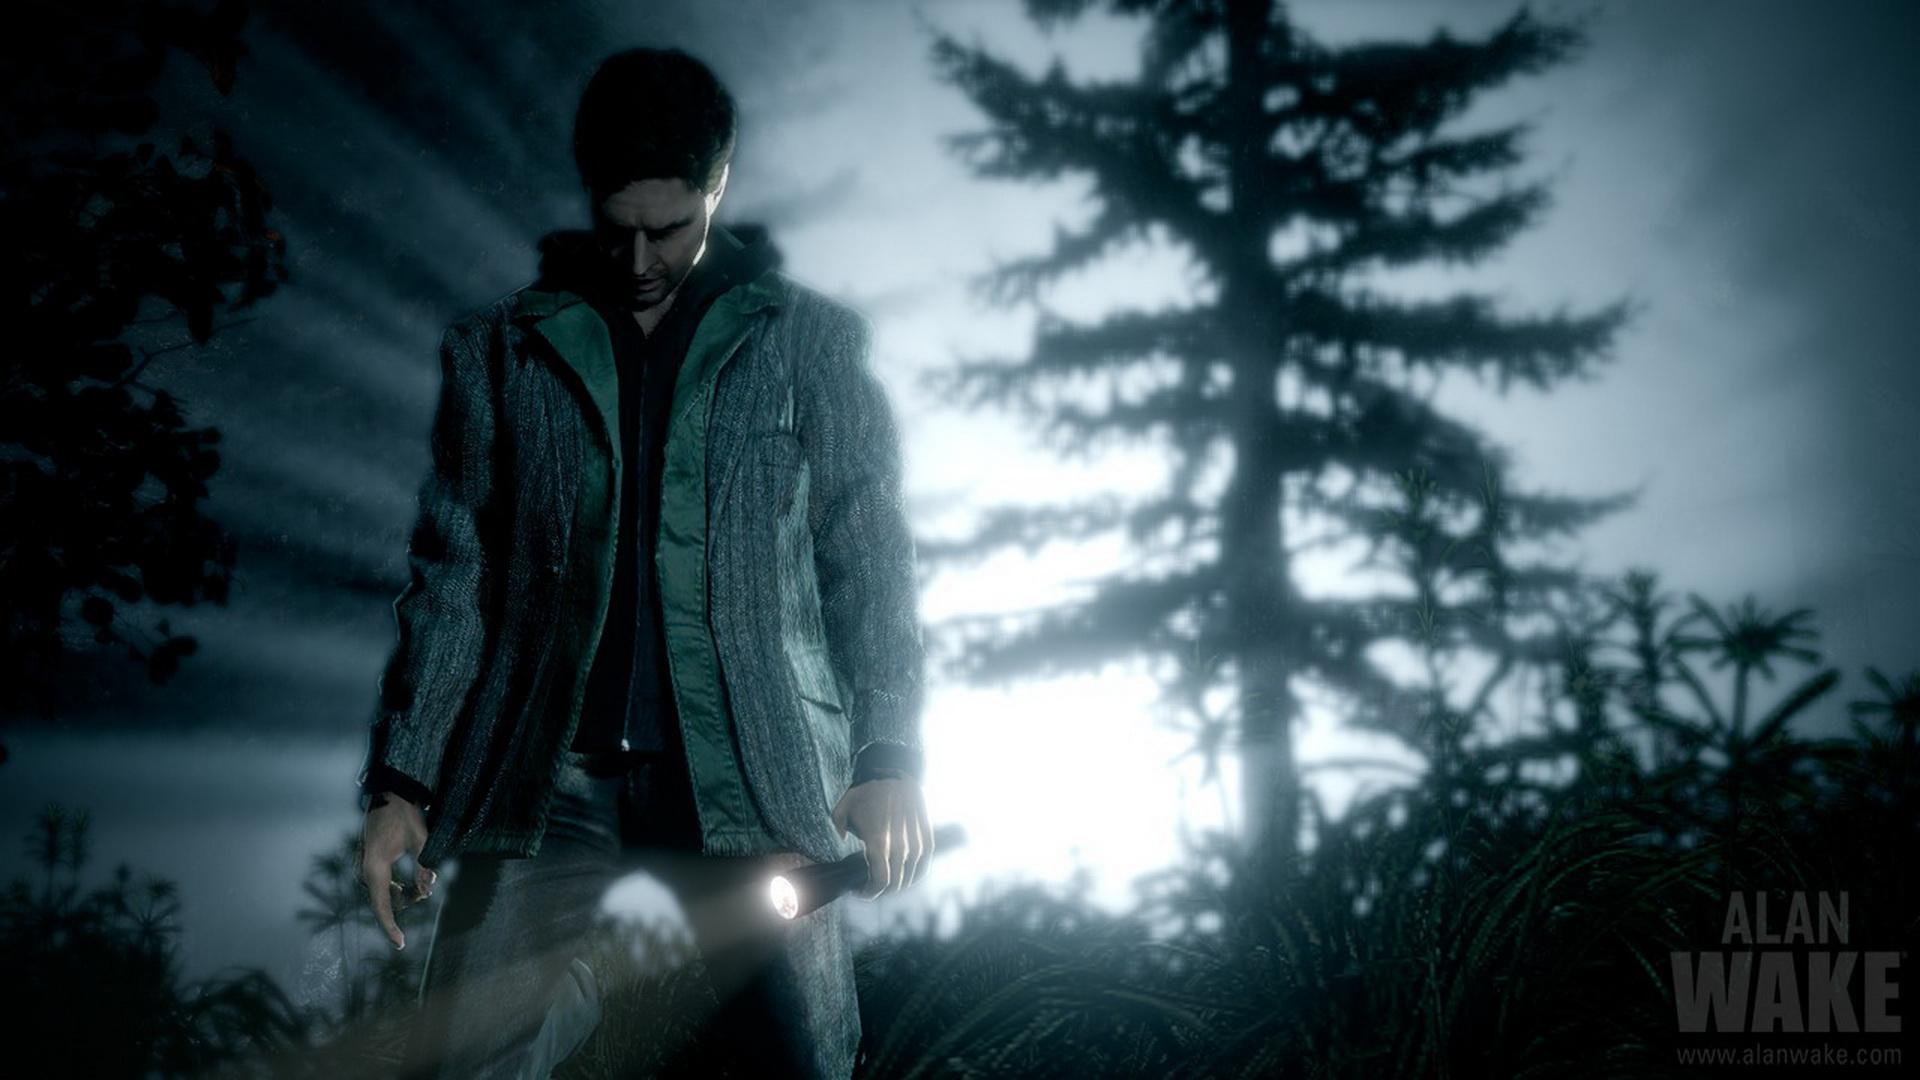 احتمال ساخت نسخه بعدی Alan Wake توسط رئیس بخش Xbox تایید شد